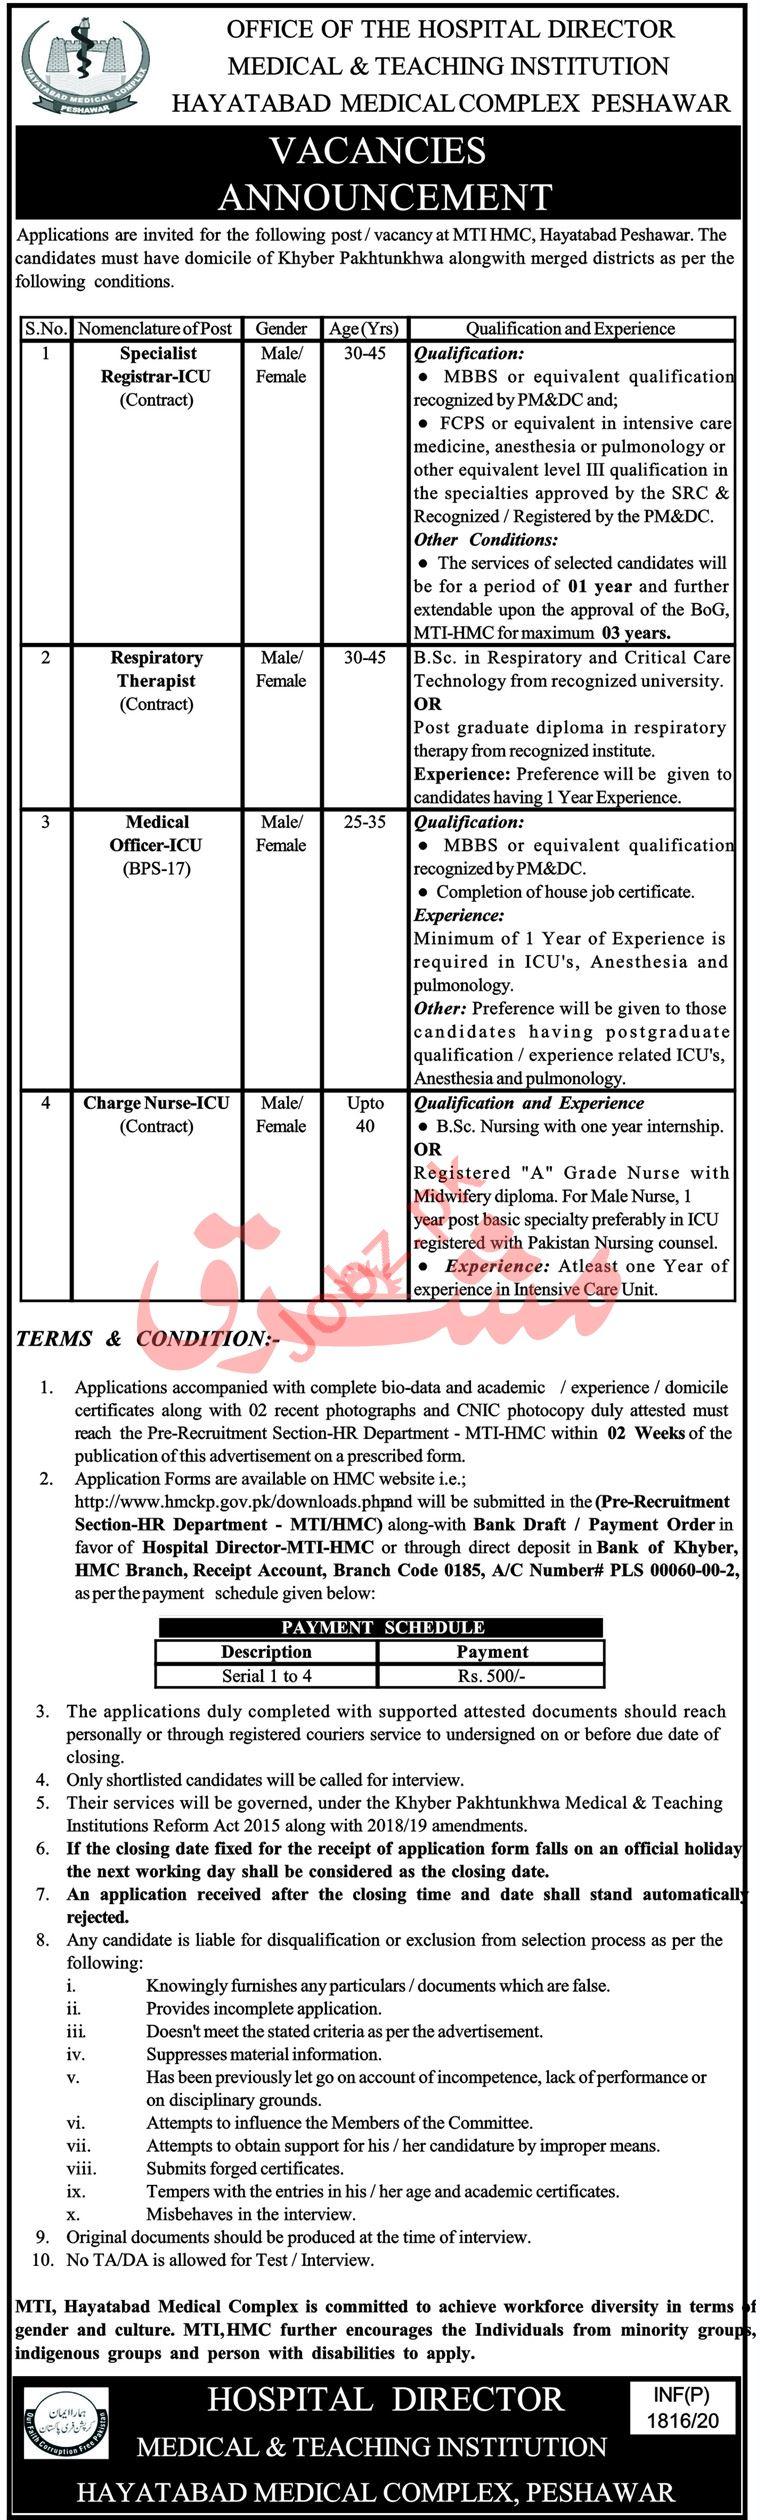 Hayatabad Medical Complex HMC Peshawar Jobs 2020